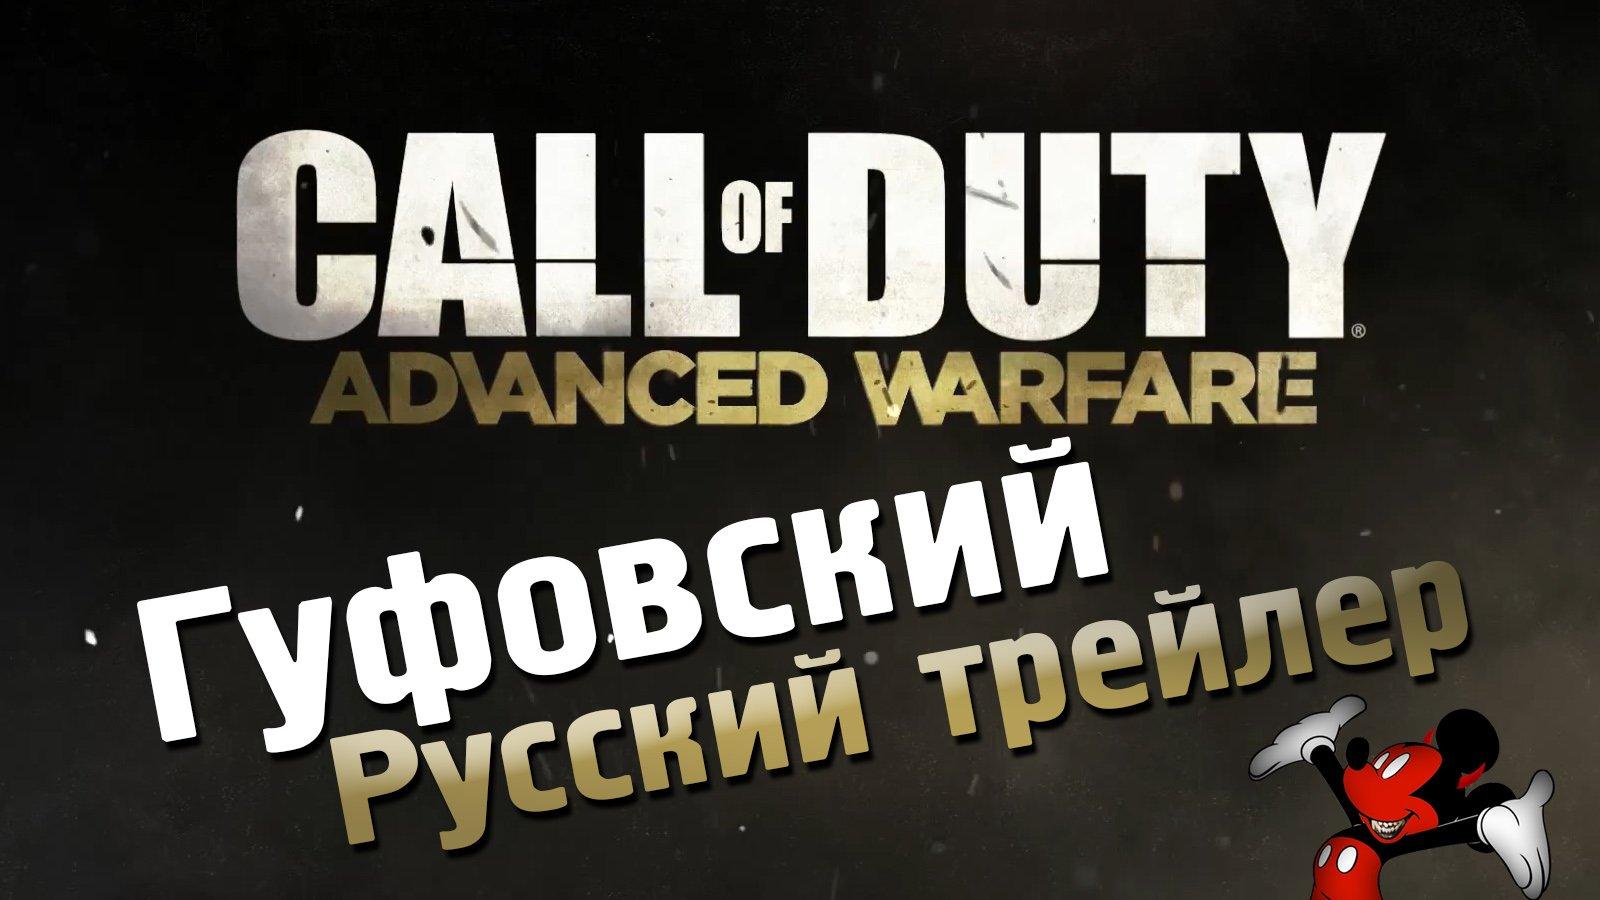 Русский трейлер Call of Duty Advanced Warfare. Пародия на Гуфовского. - Изображение 1